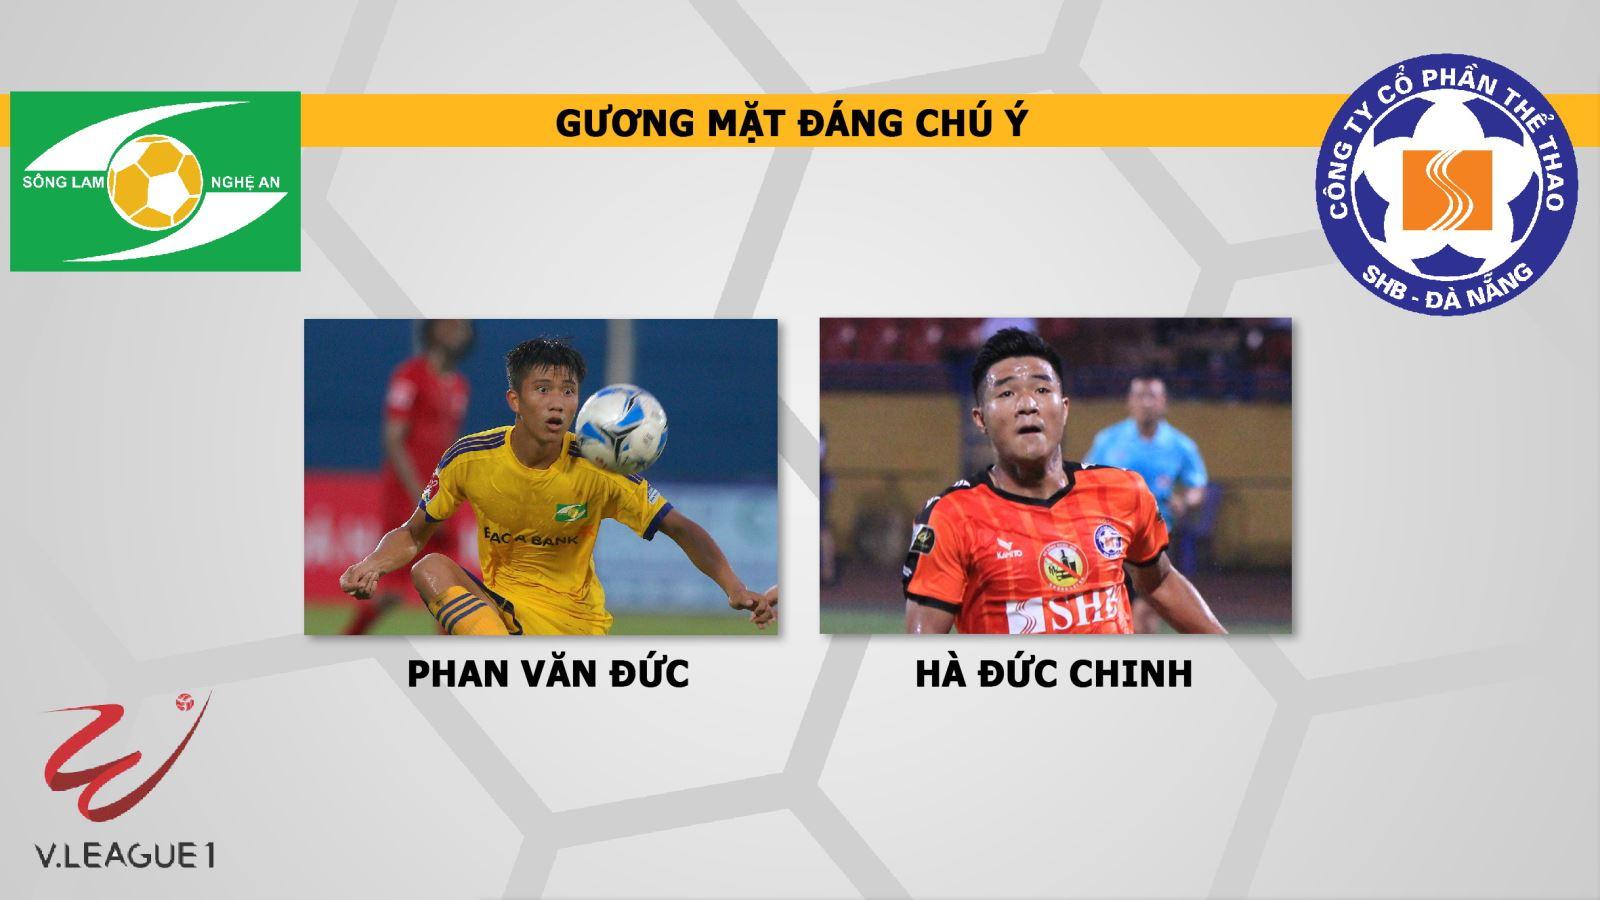 Sông Lam Nghệ An vs Đà Nẵng, SLNA, Đà Nẵng, trực tiếp bóng đá, kèo bóng đá, lịch thi đấu, V-League, BĐTV